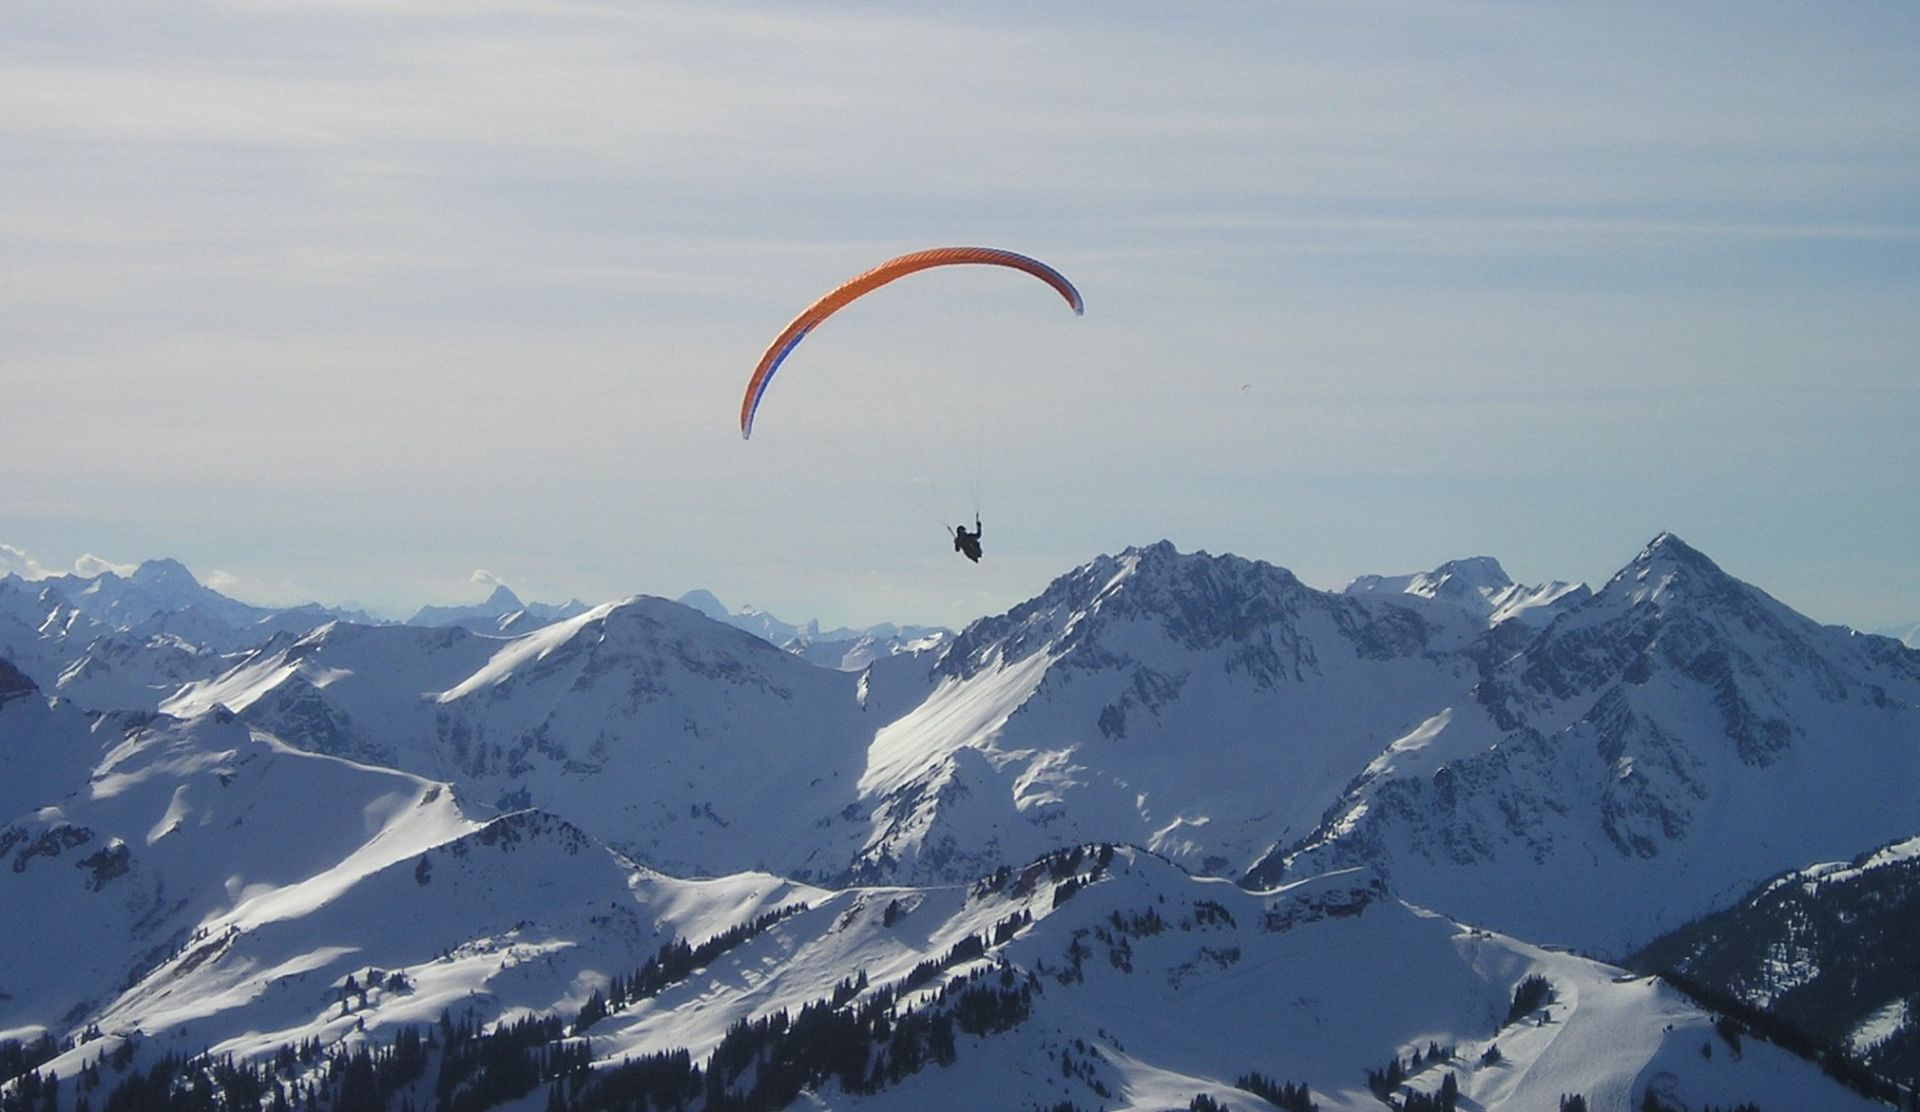 Volo in parapendio biposto sul Monte Bianco